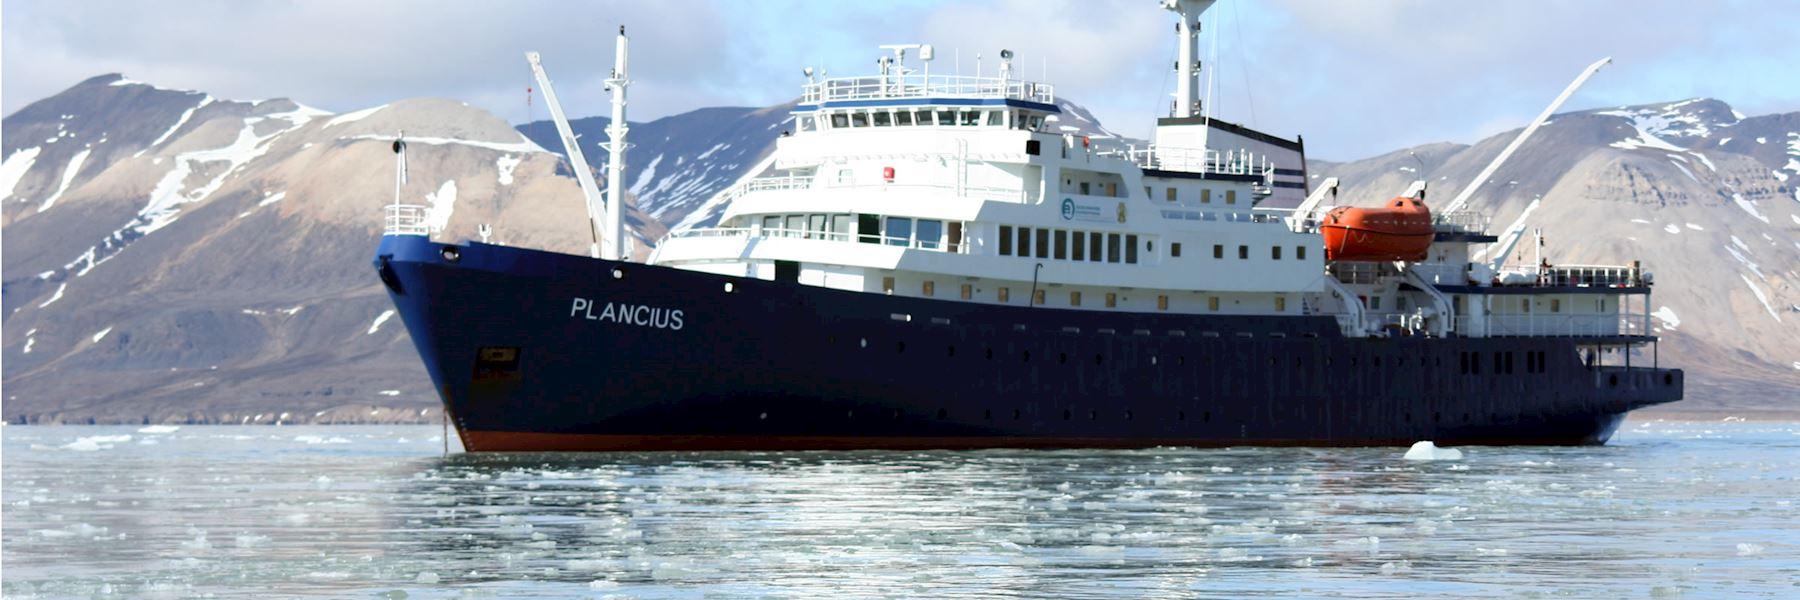 Cruise Ships in Antarctica: M/V Plancius